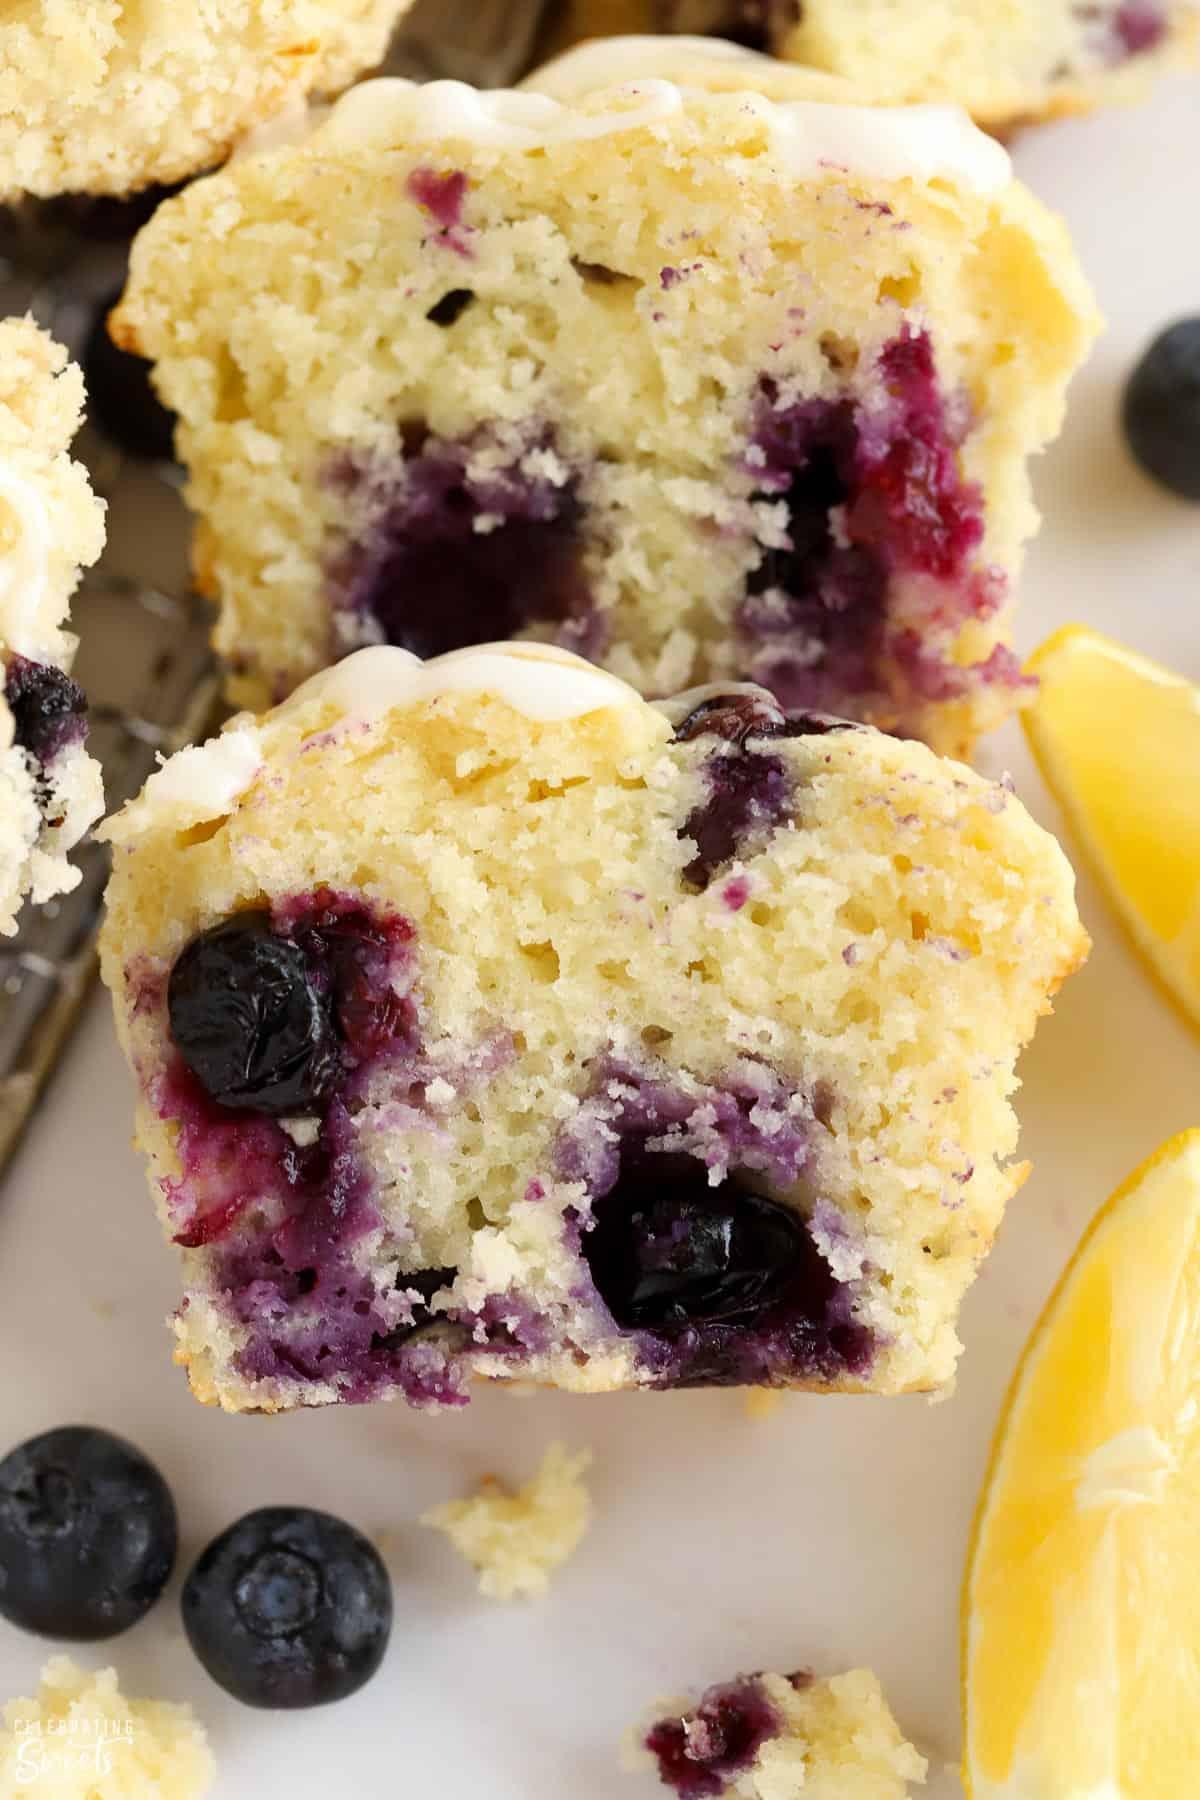 Closeup of a lemon blueberry muffin cut in half.